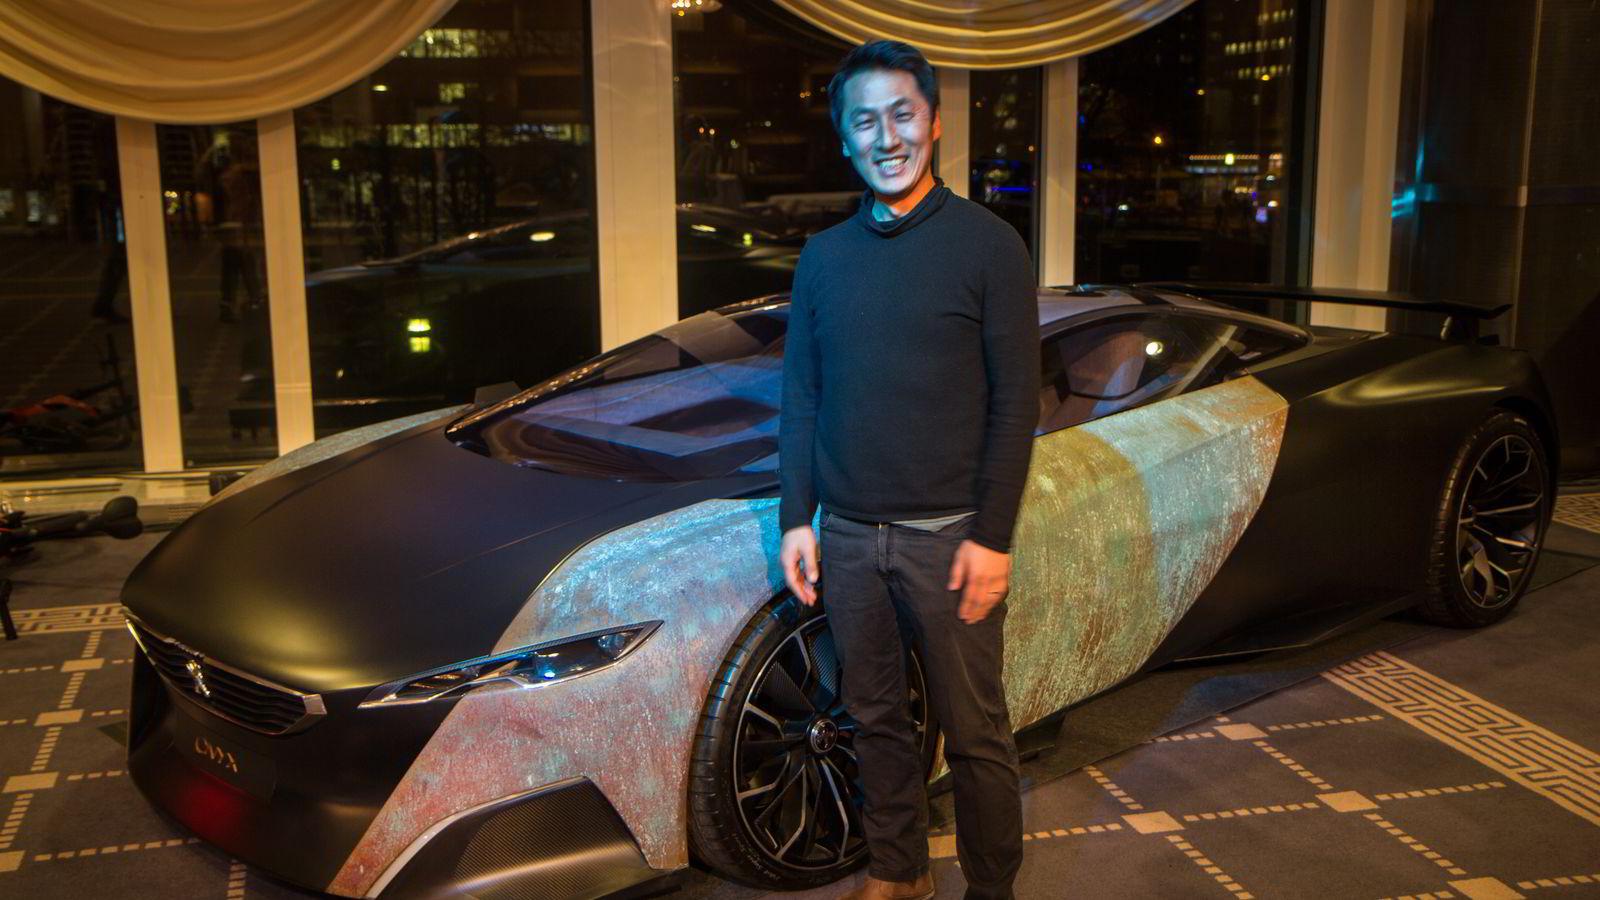 Konseptbilen Onyx som Per Ivar Selvaag designet da han jobbet for Peugeot er hentet til Oslo for å peppe opp salgsapparatet.